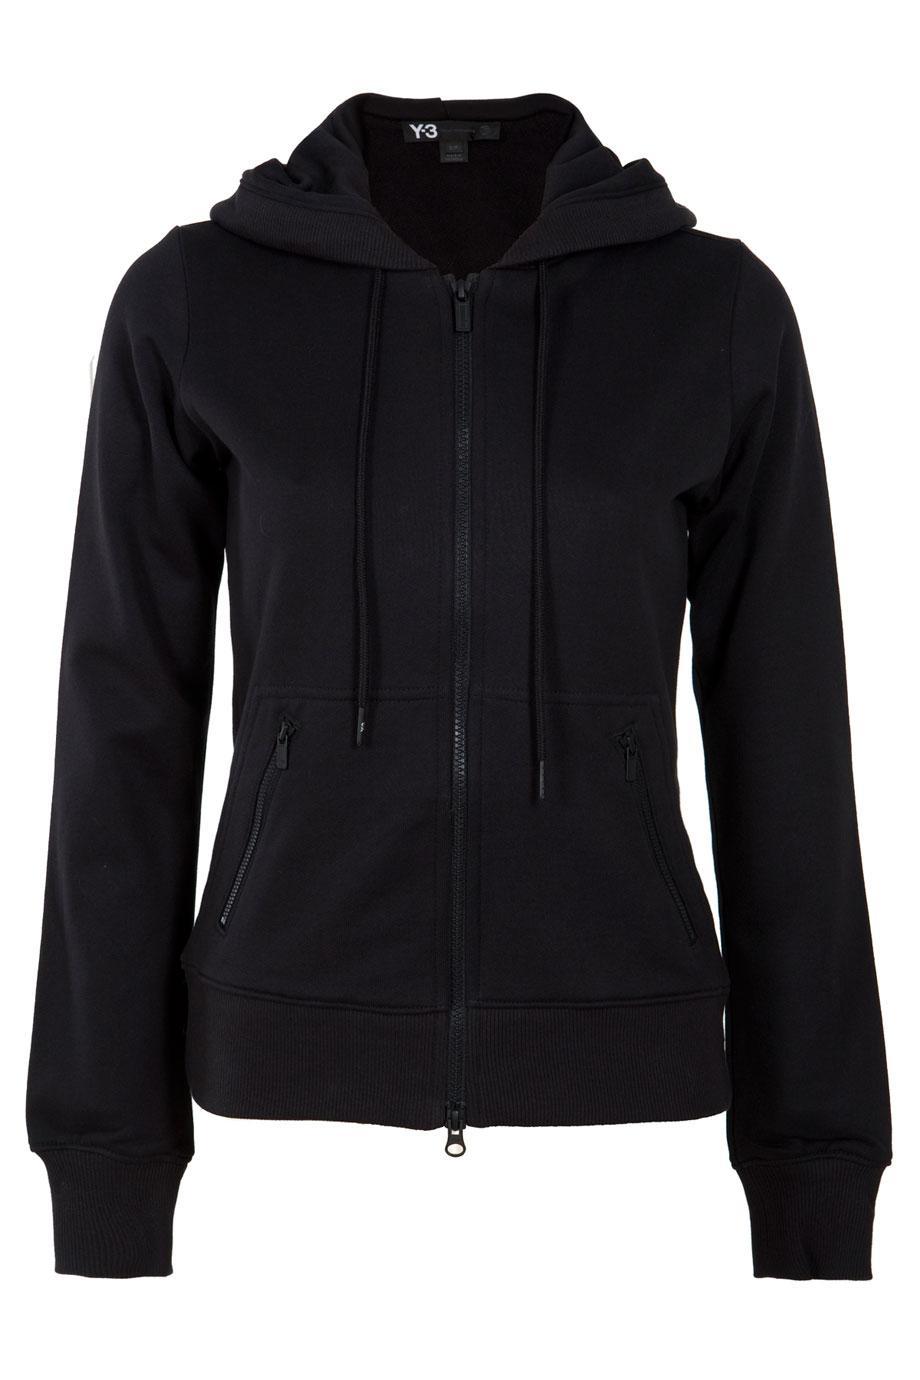 Y3 hoodie